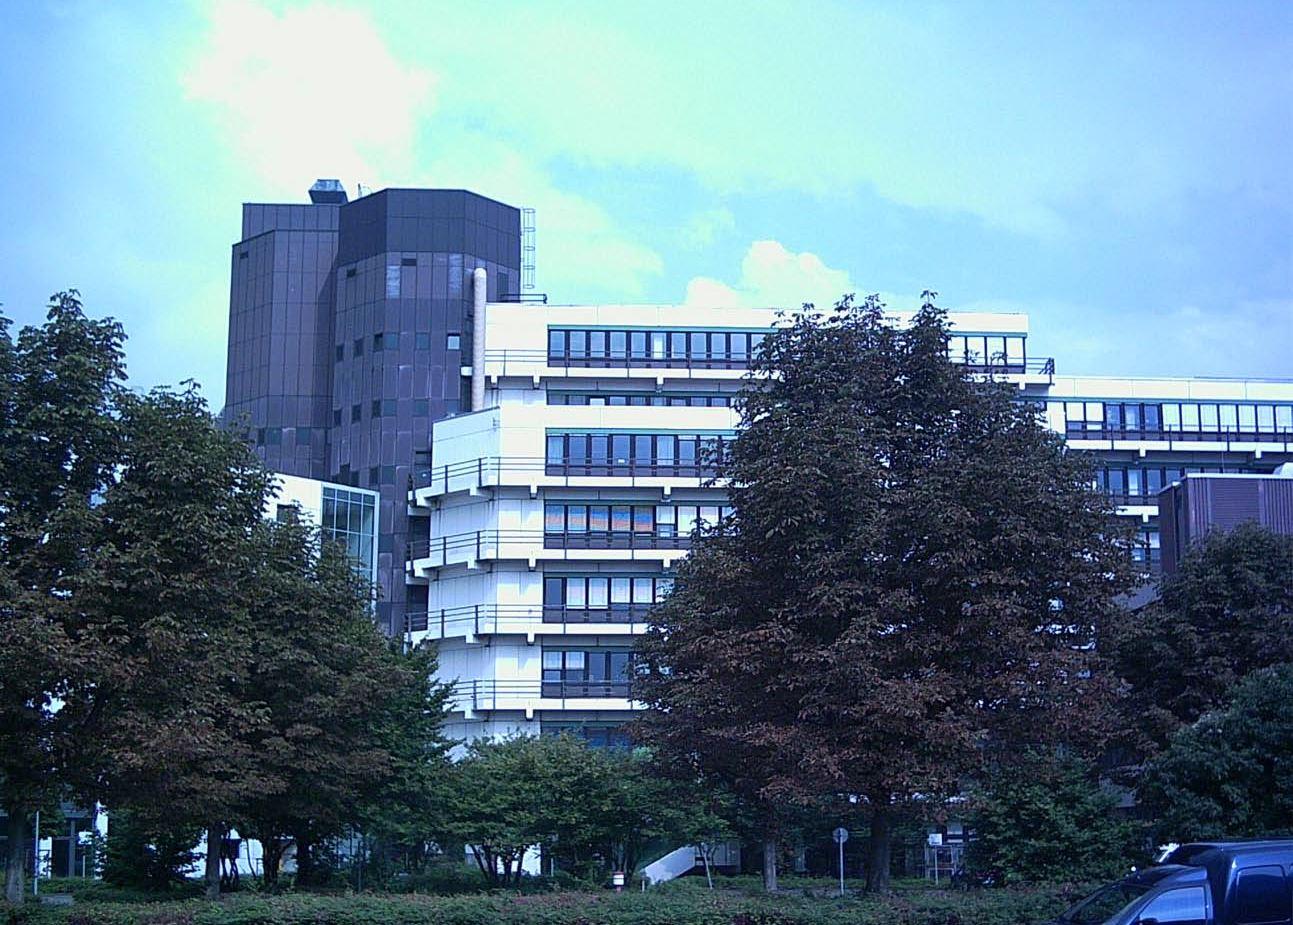 Universität Essen Bild